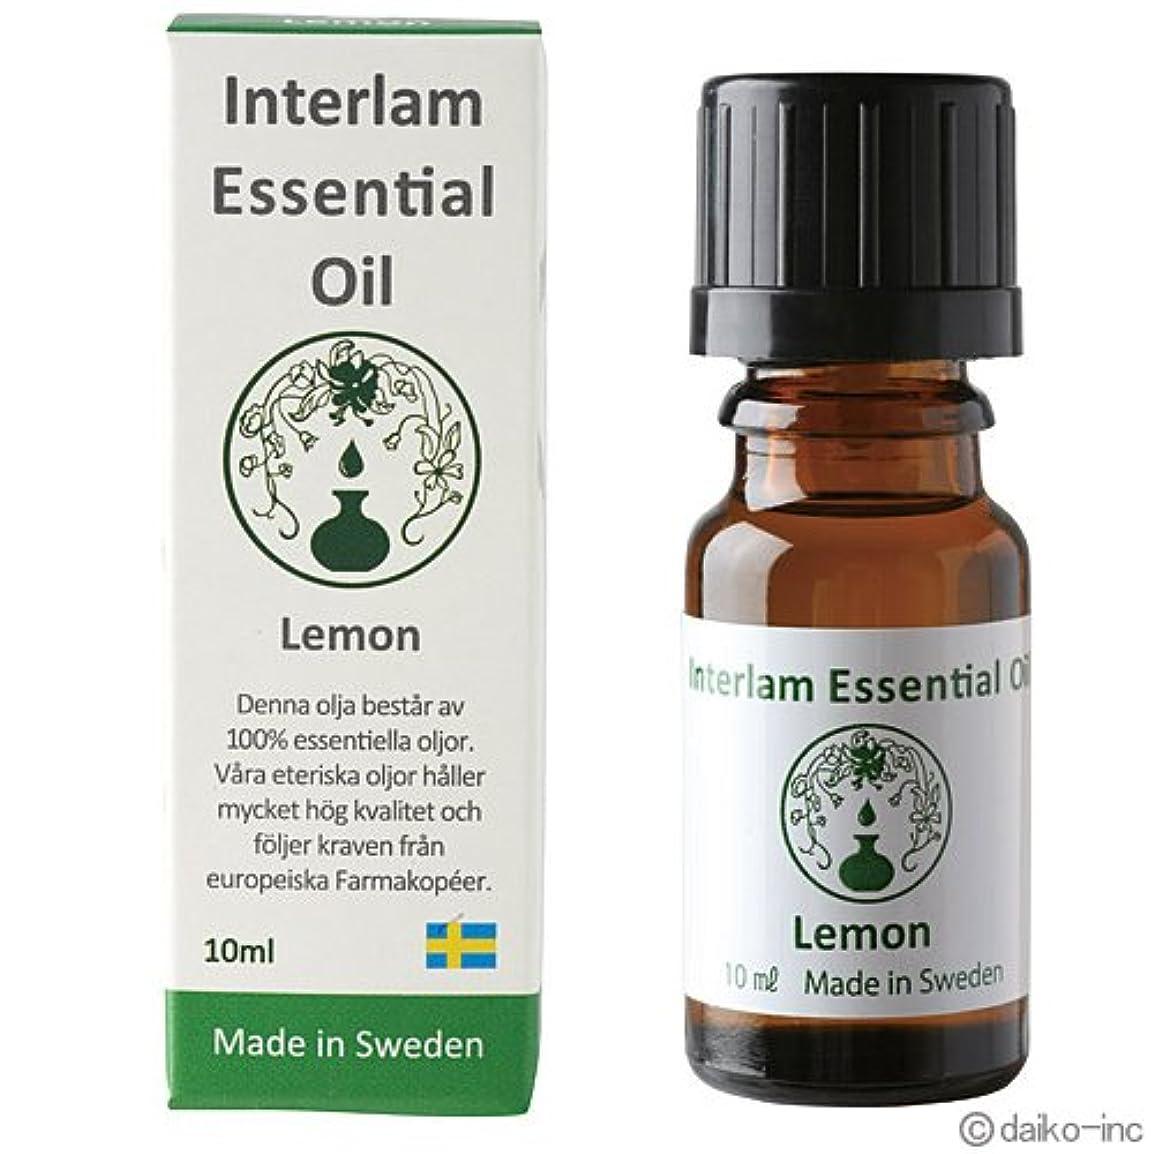 傭兵マチュピチュフィットInterlam Essential Oil レモン 10ml